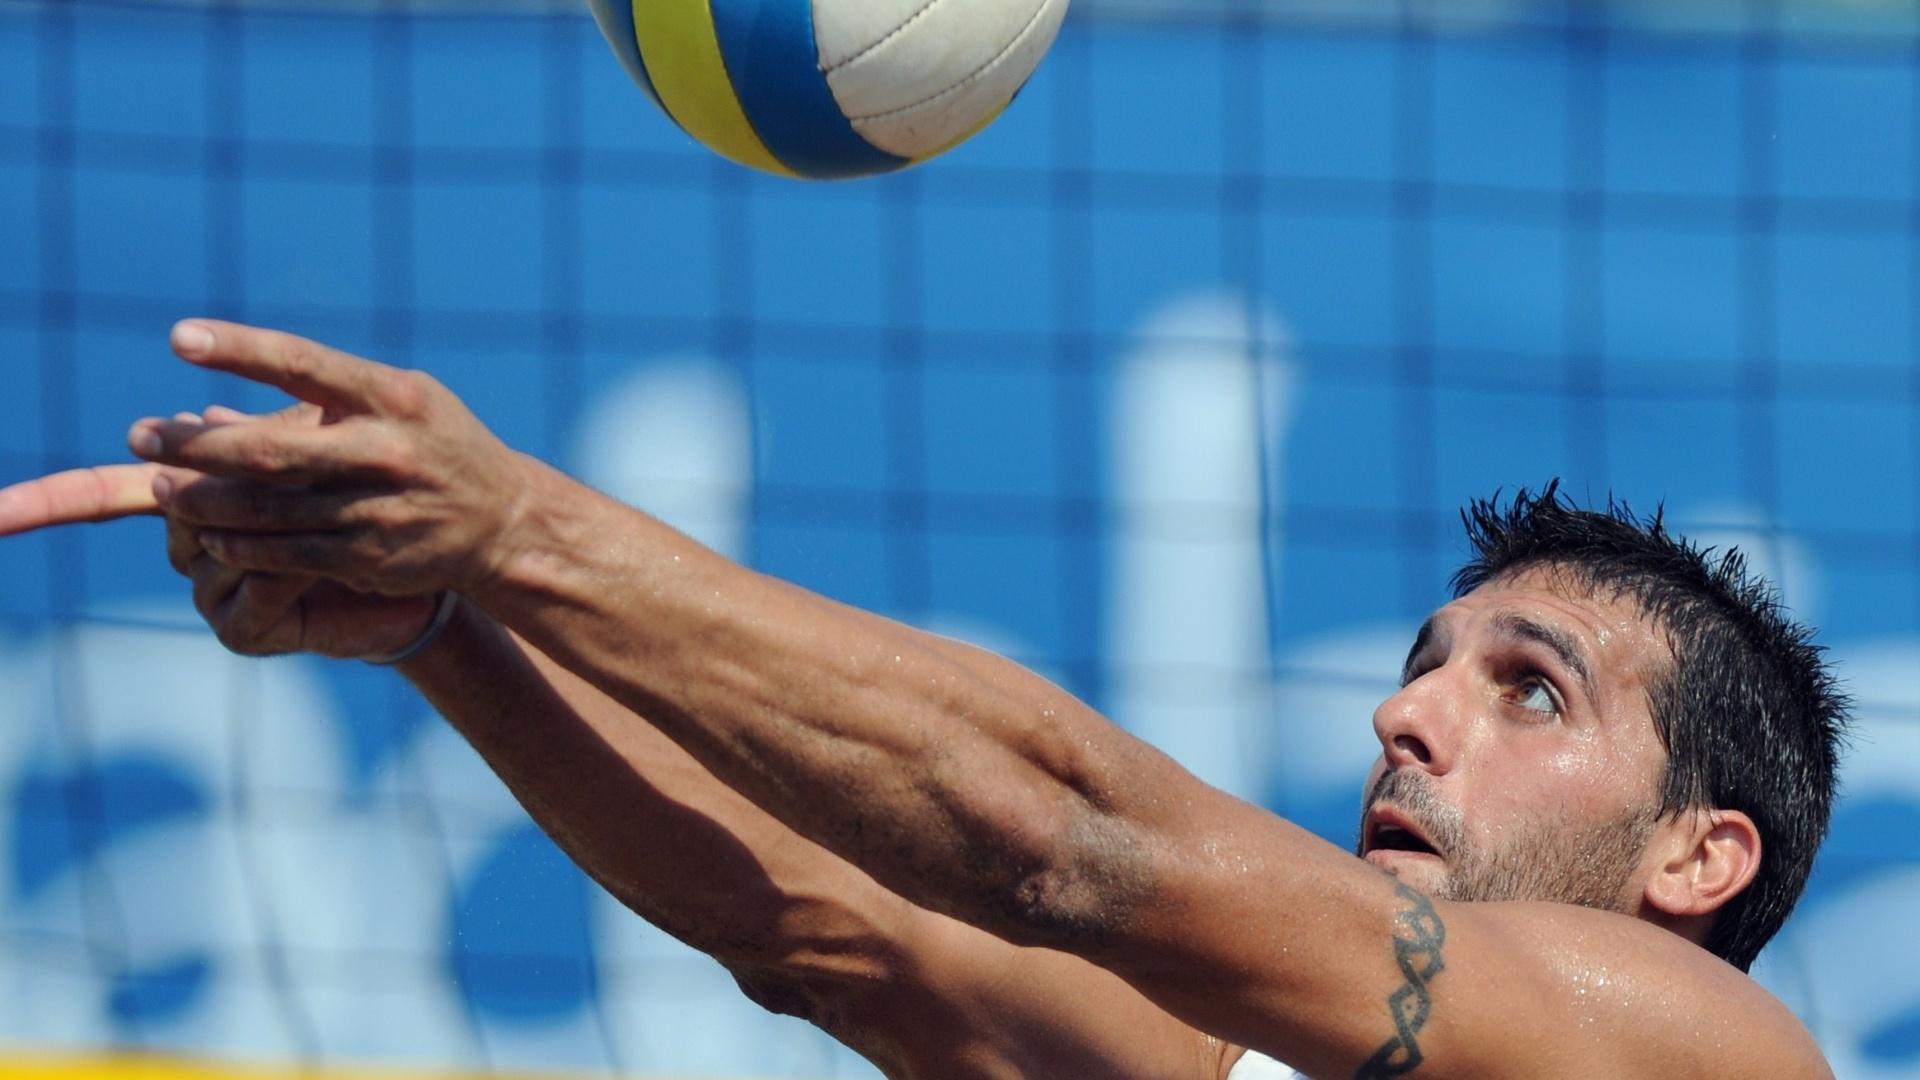 Nicolas Zanotta, do Uruguai, durante jogo das quartas de final do vôlei de praia contra a dupla brasileira